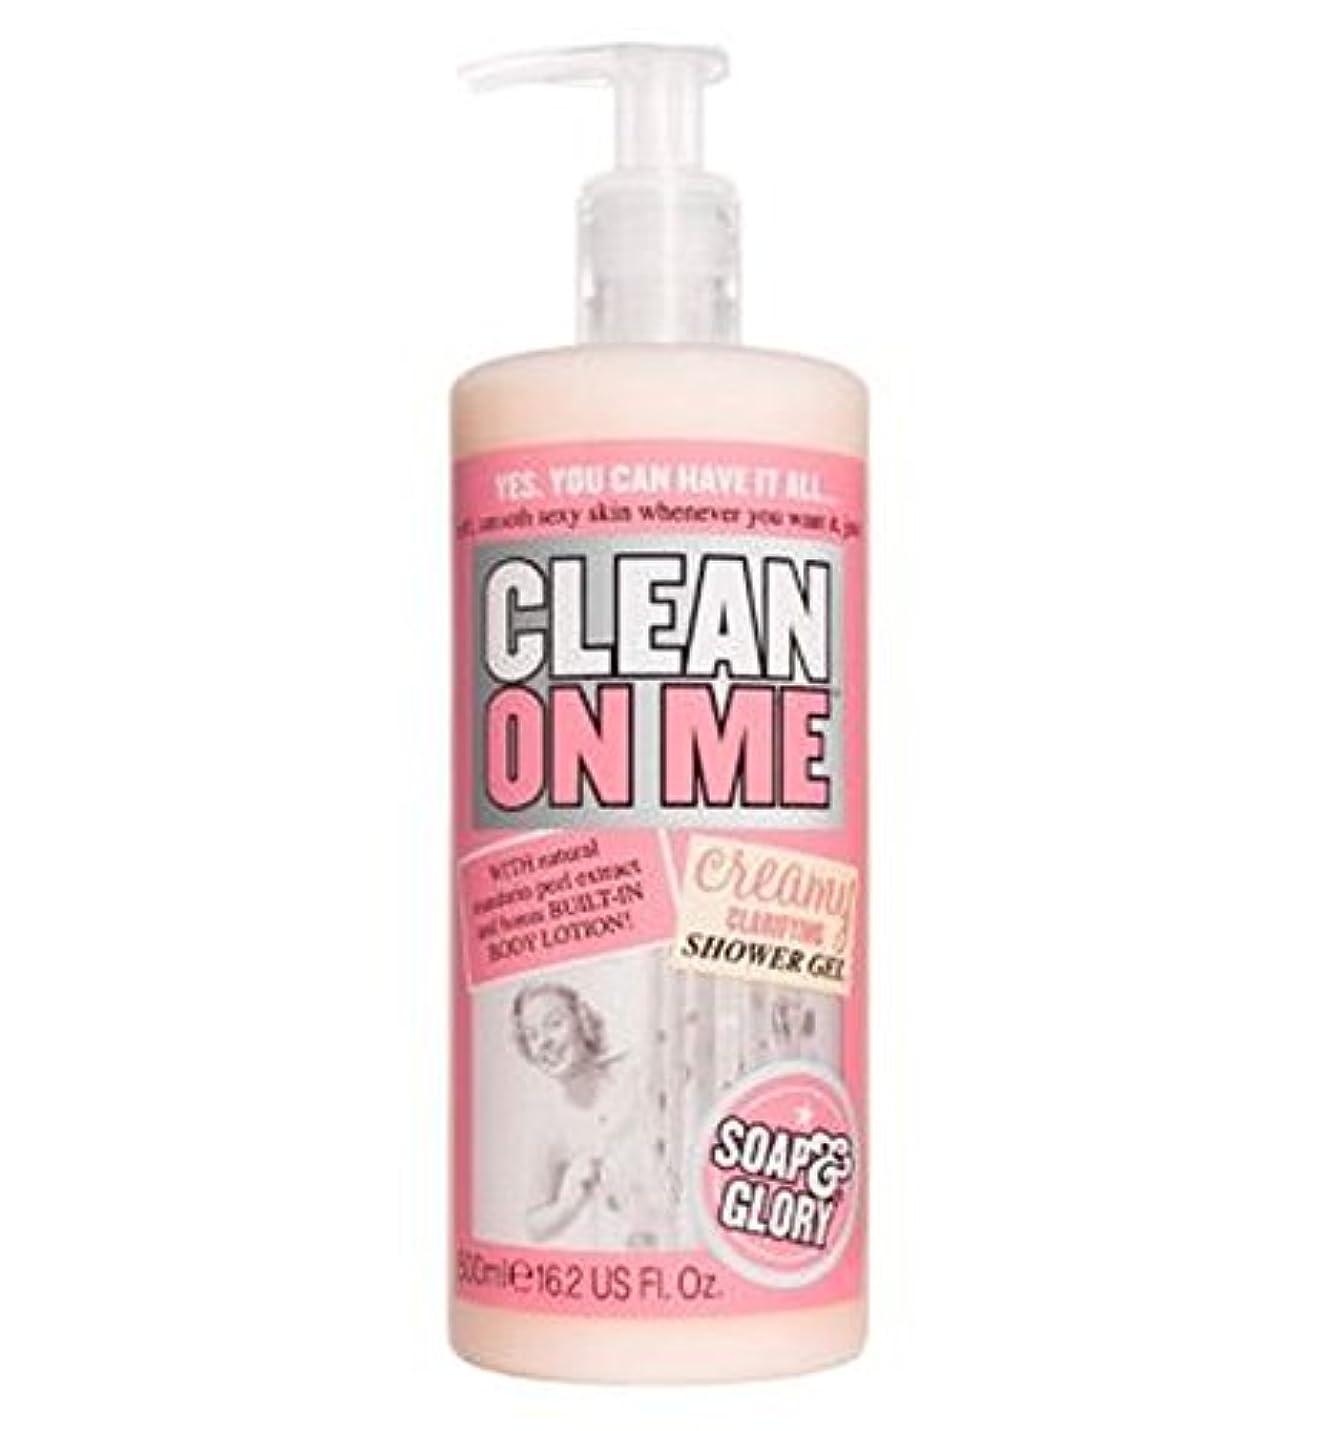 導出疑わしい大胆なSoap & Glory Clean On Me Creamy Clarifying Shower Gel 500ml - 私にきれいな石鹸&栄光はシャワージェル500ミリリットルを明確にクリーミー (Soap & Glory) [並行輸入品]